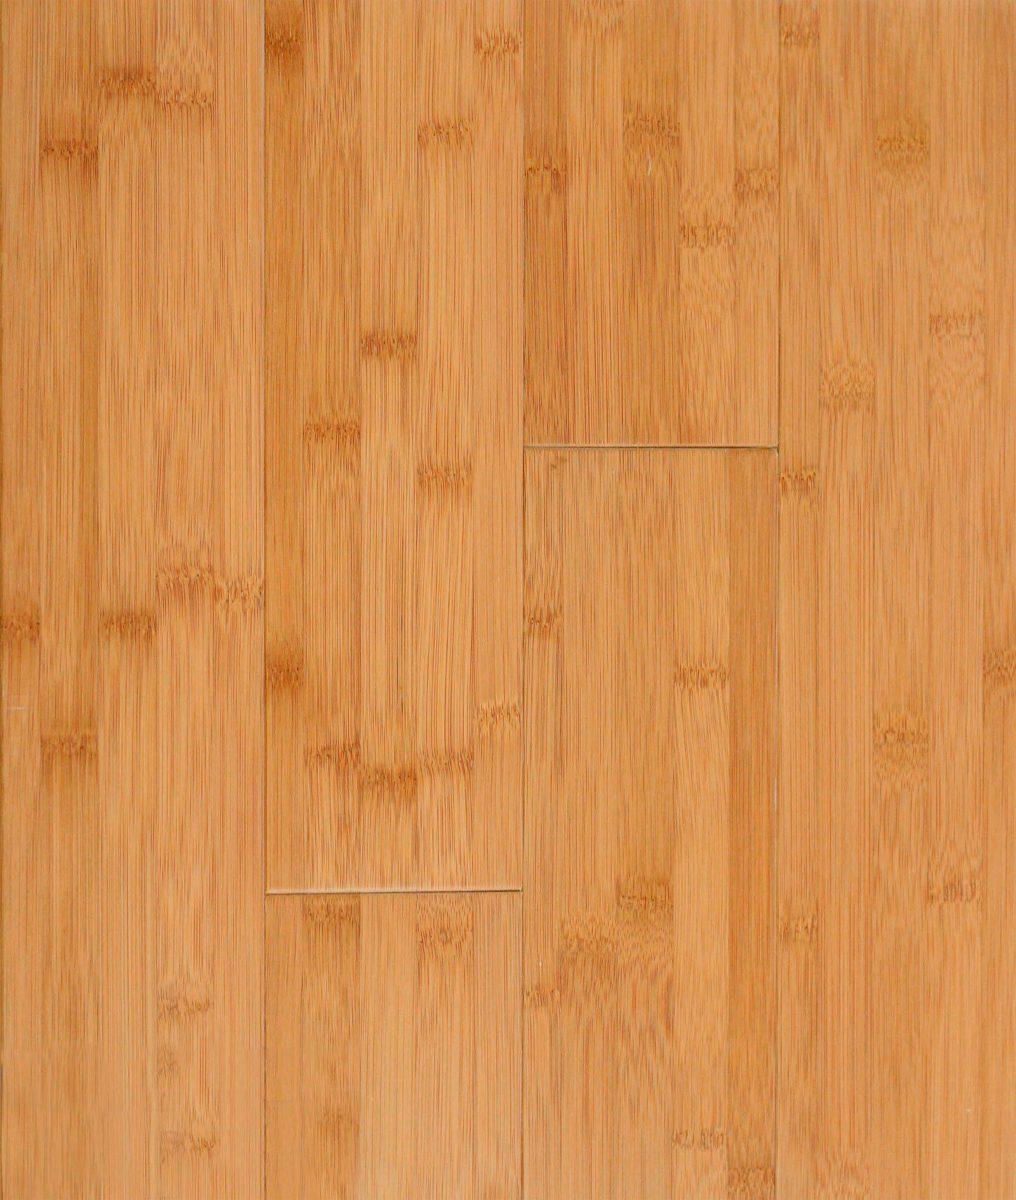 Duela horizontal bamb s lida 1 en mercado libre - Duelas de madera ...